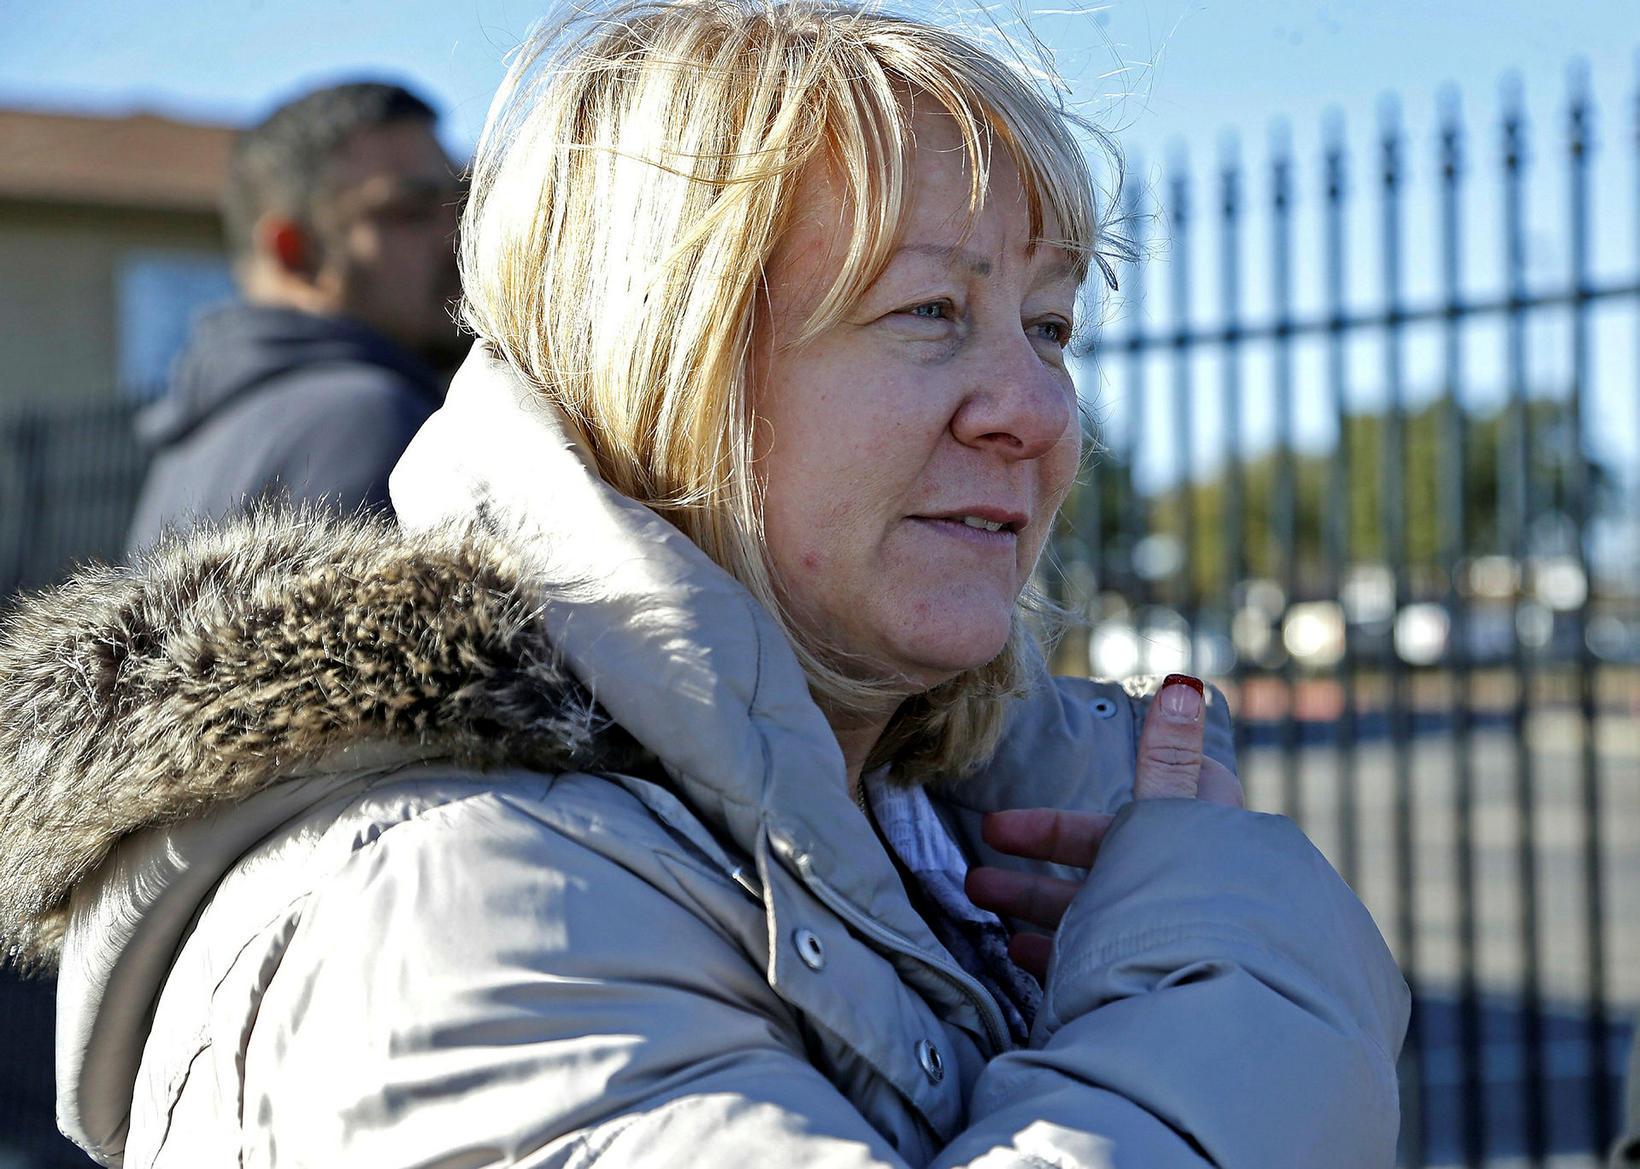 Móðir Melanie Davis var inni í kirkjunni þegar árásin átti …